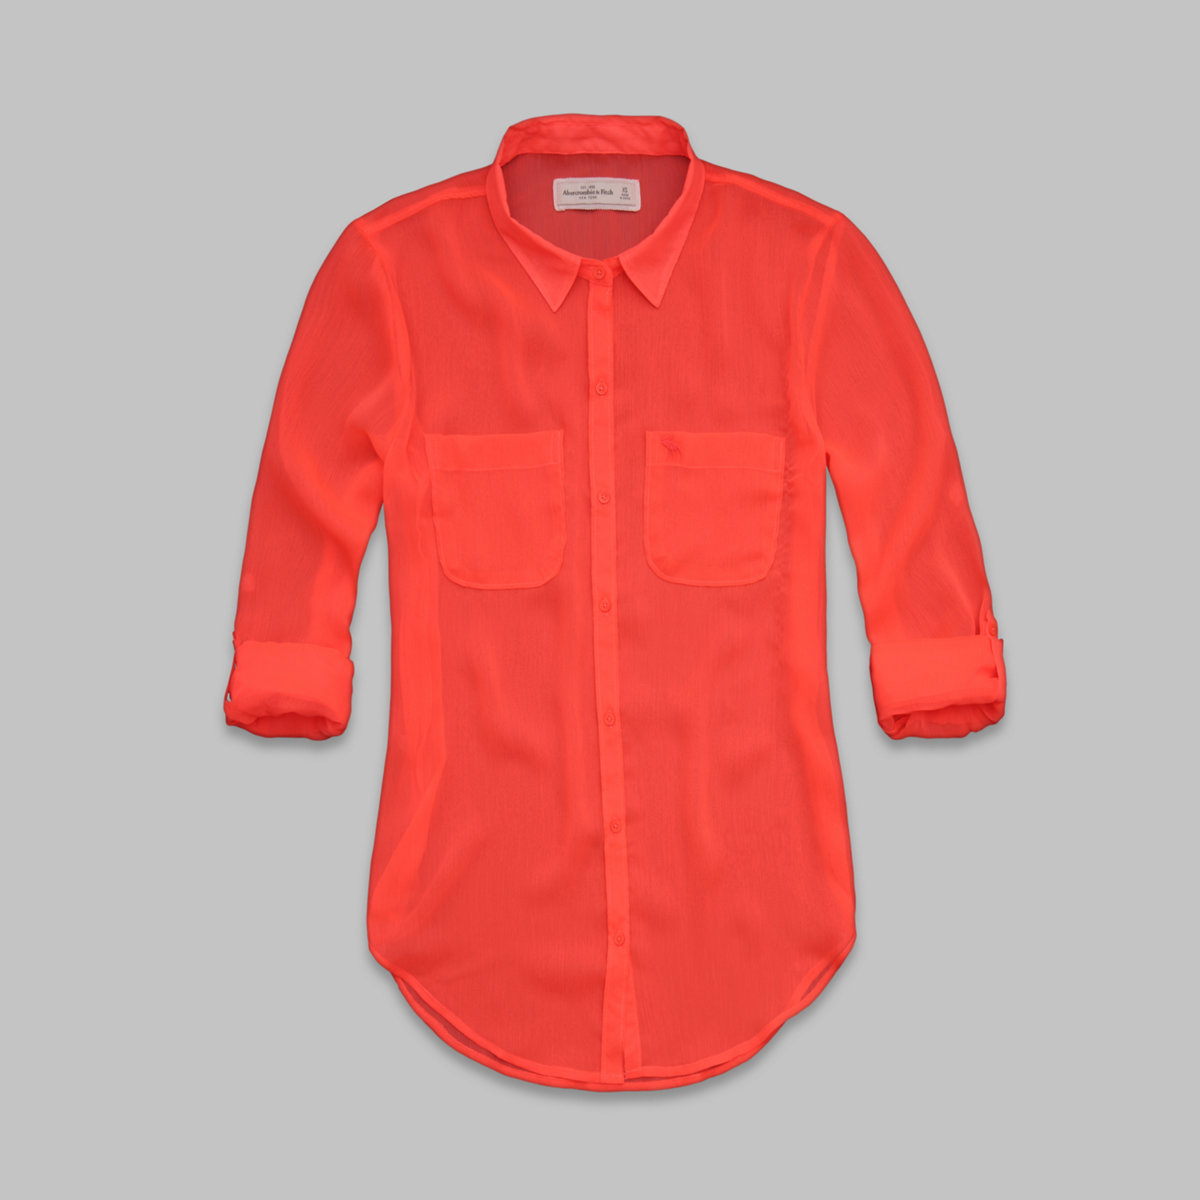 Kenzie Chiffon Shirt